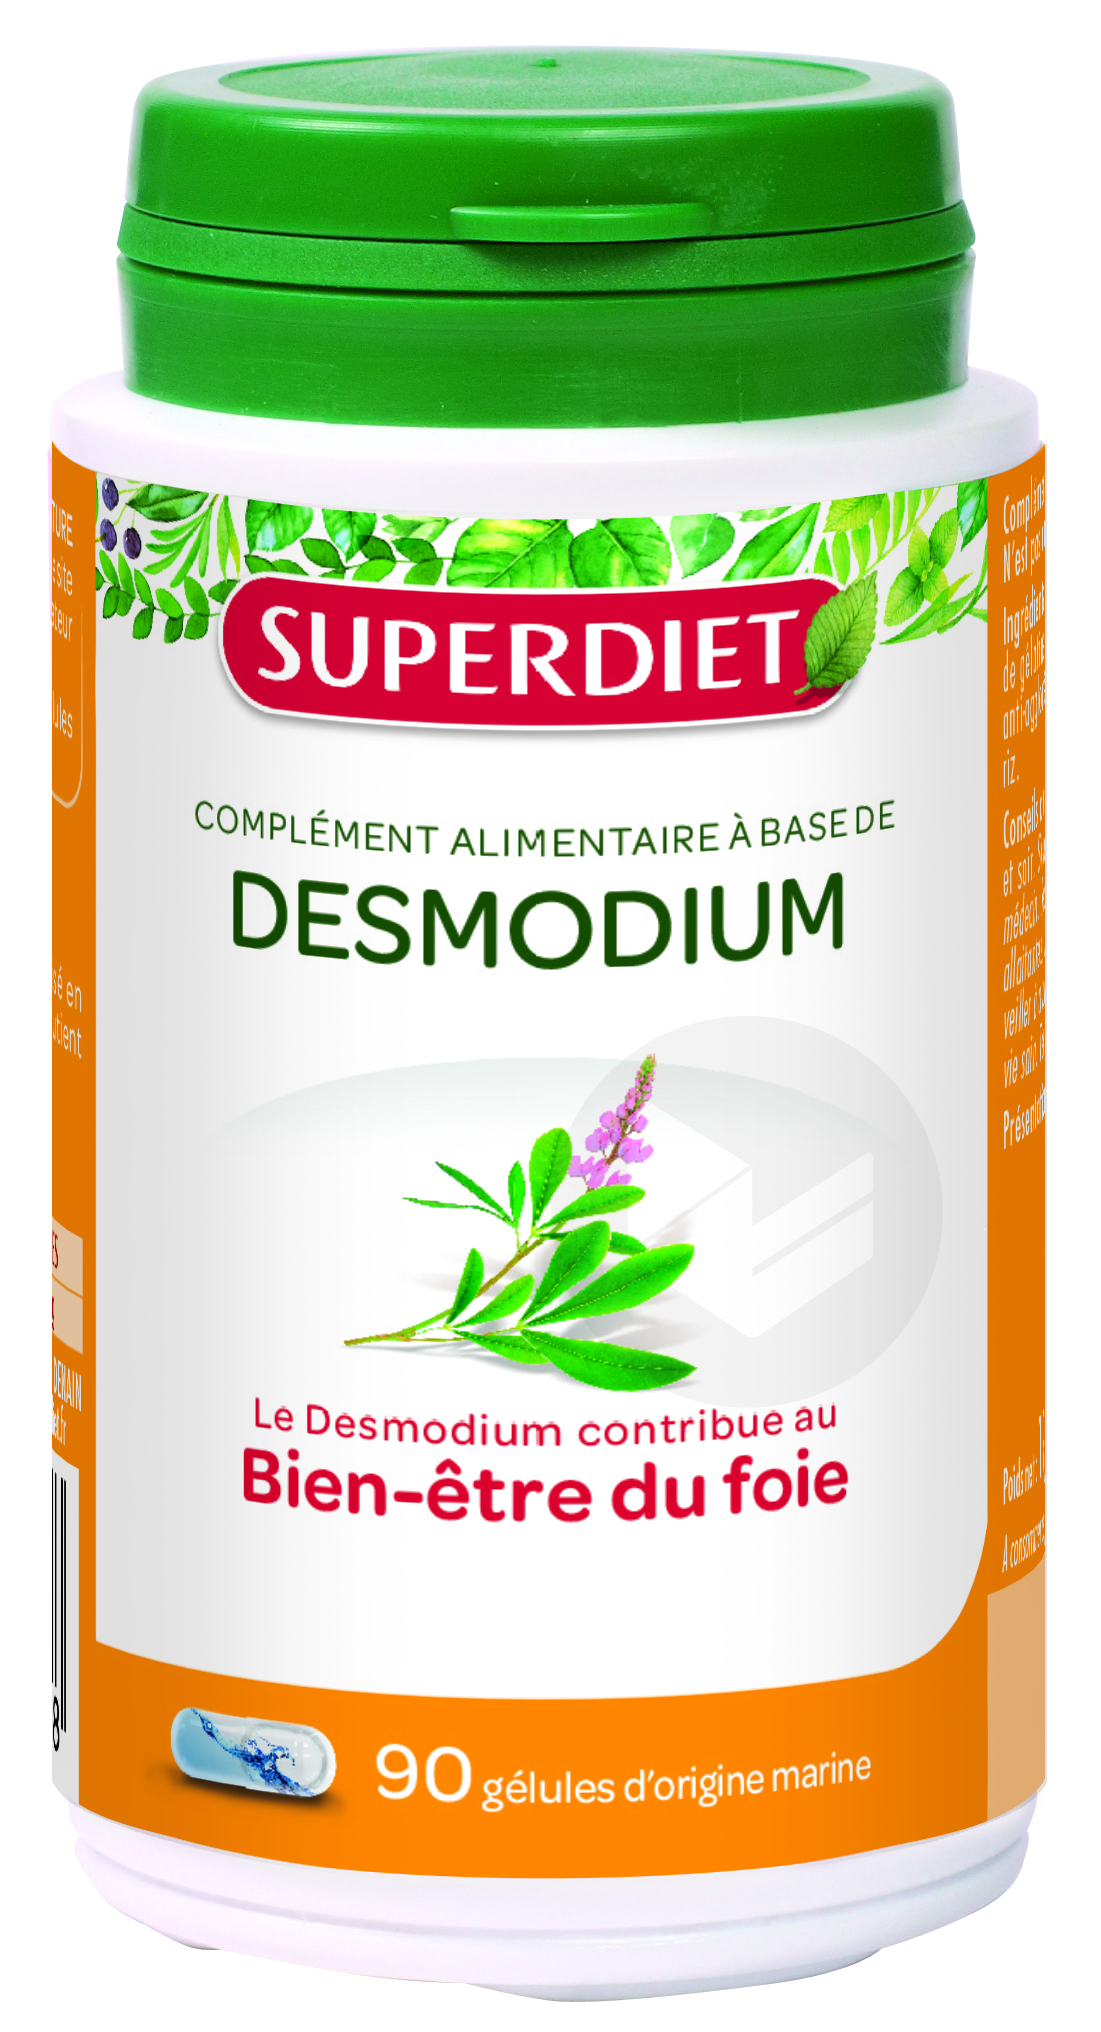 Desmodium 90 Gelules